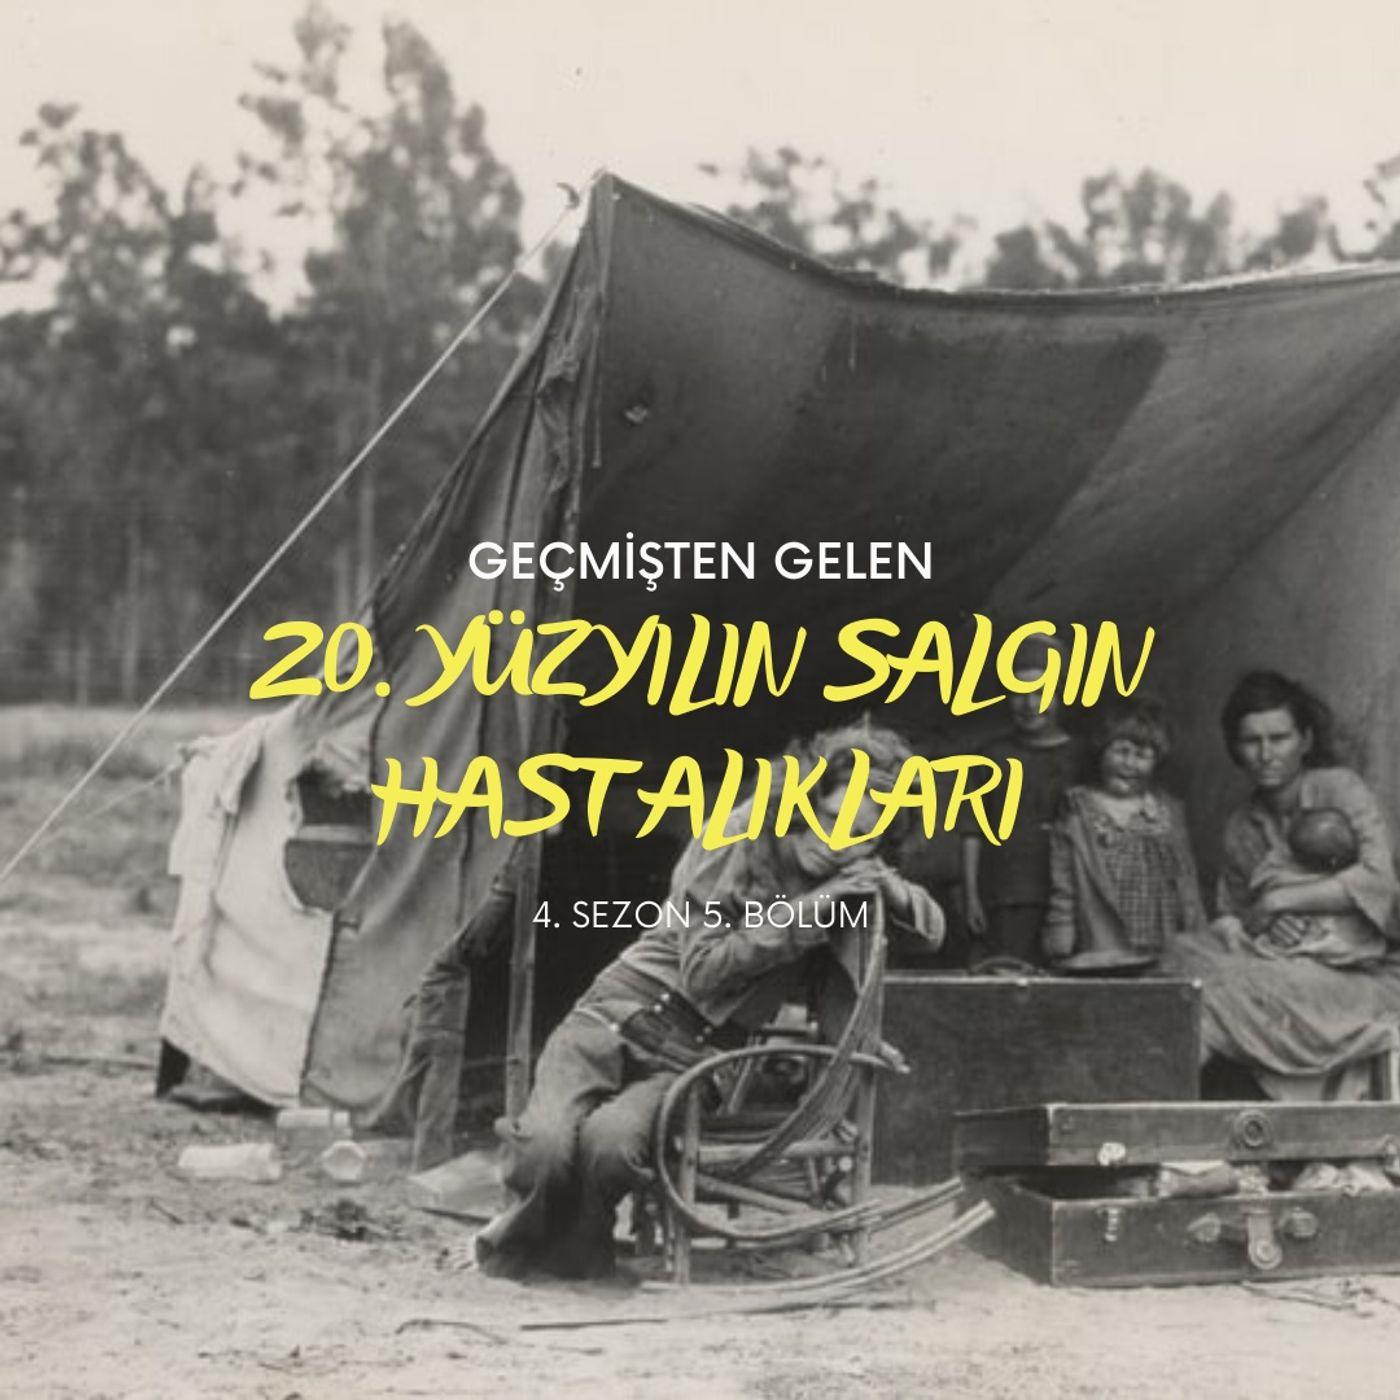 SALGINLAR.05 - Ülkemizin Sağlık Politikaları ve 20. Yüzyılın Salgın Hastalıkları